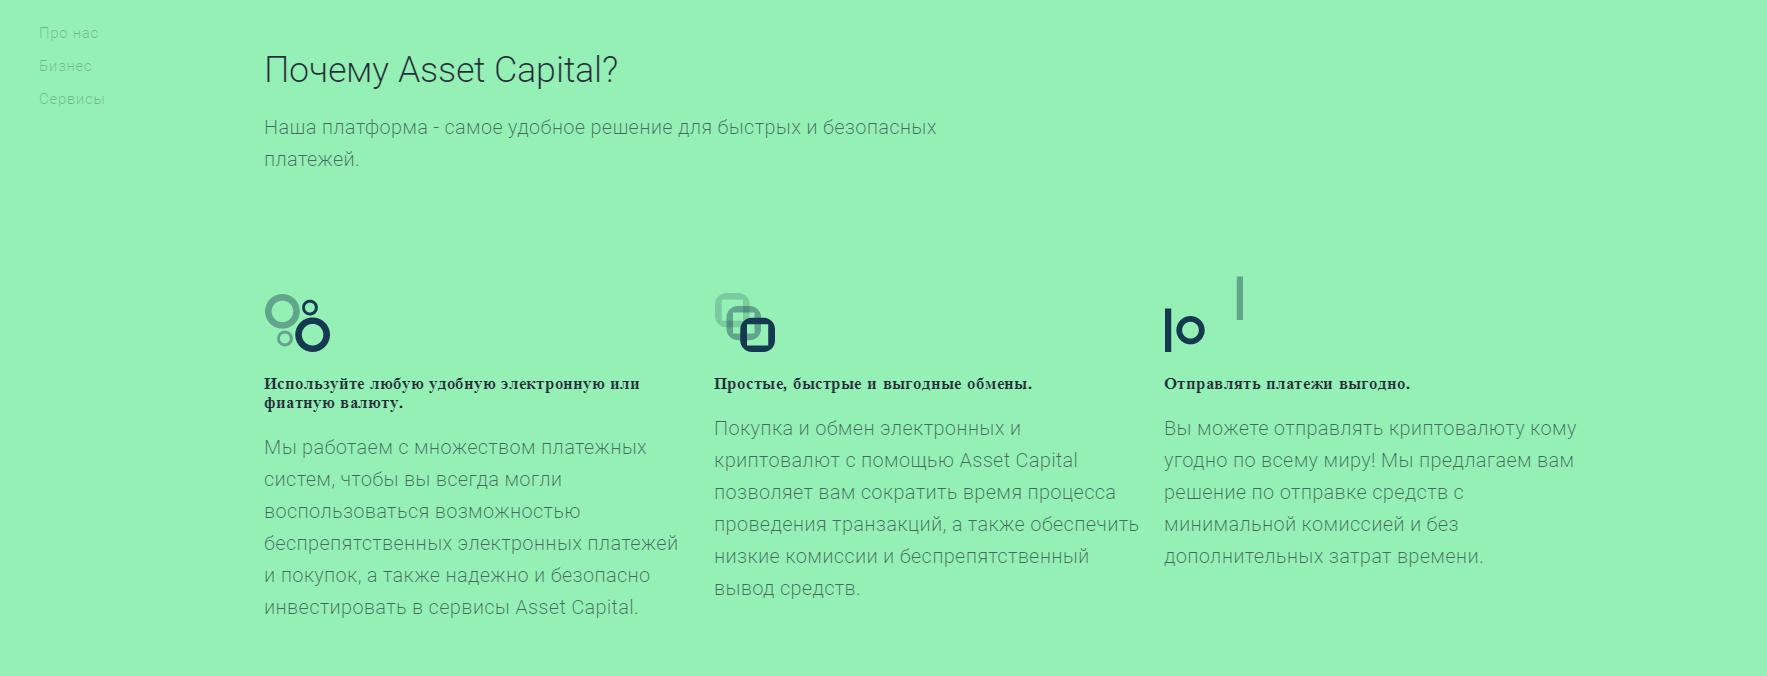 Почему Asset Capital?